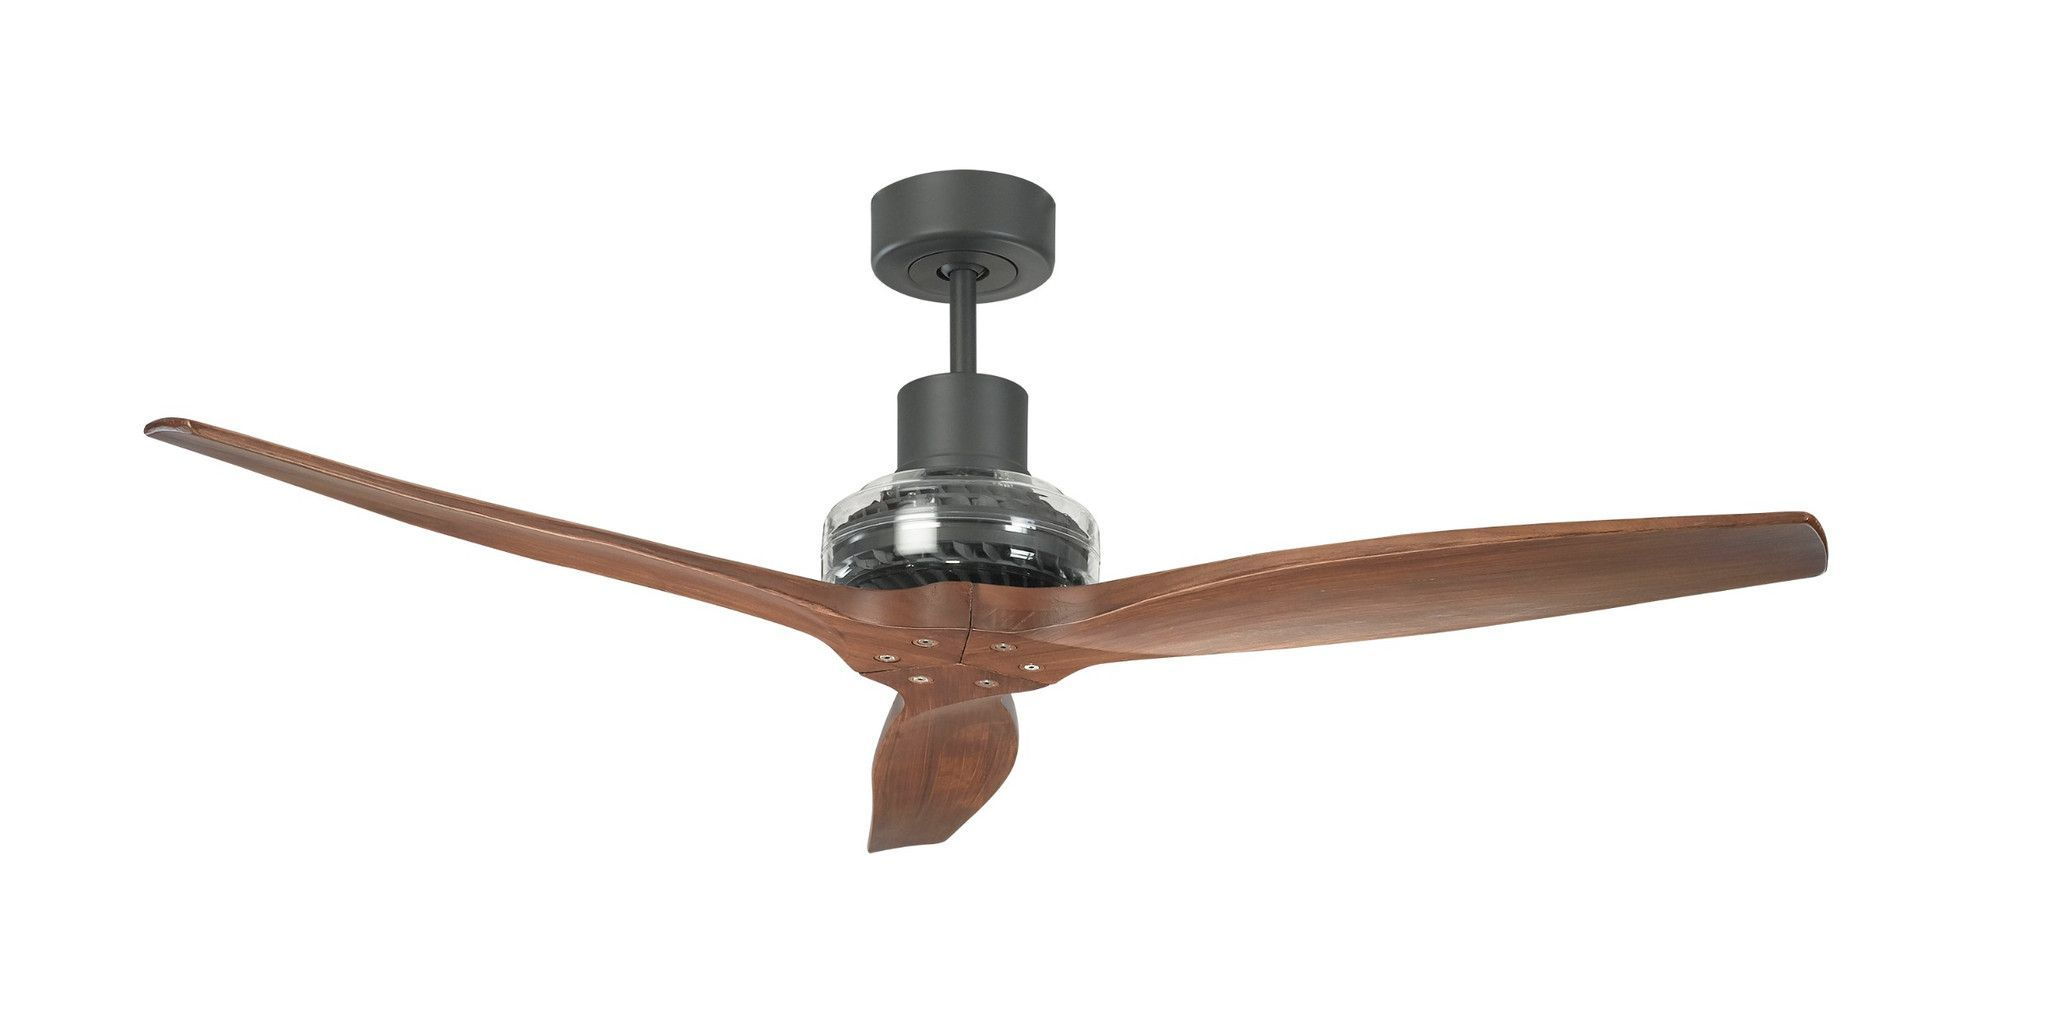 Black Star Propeller Indoor Outdoor Ceiling Fan Ceiling Fan Motor Ceiling Fan Outdoor Ceiling Fans